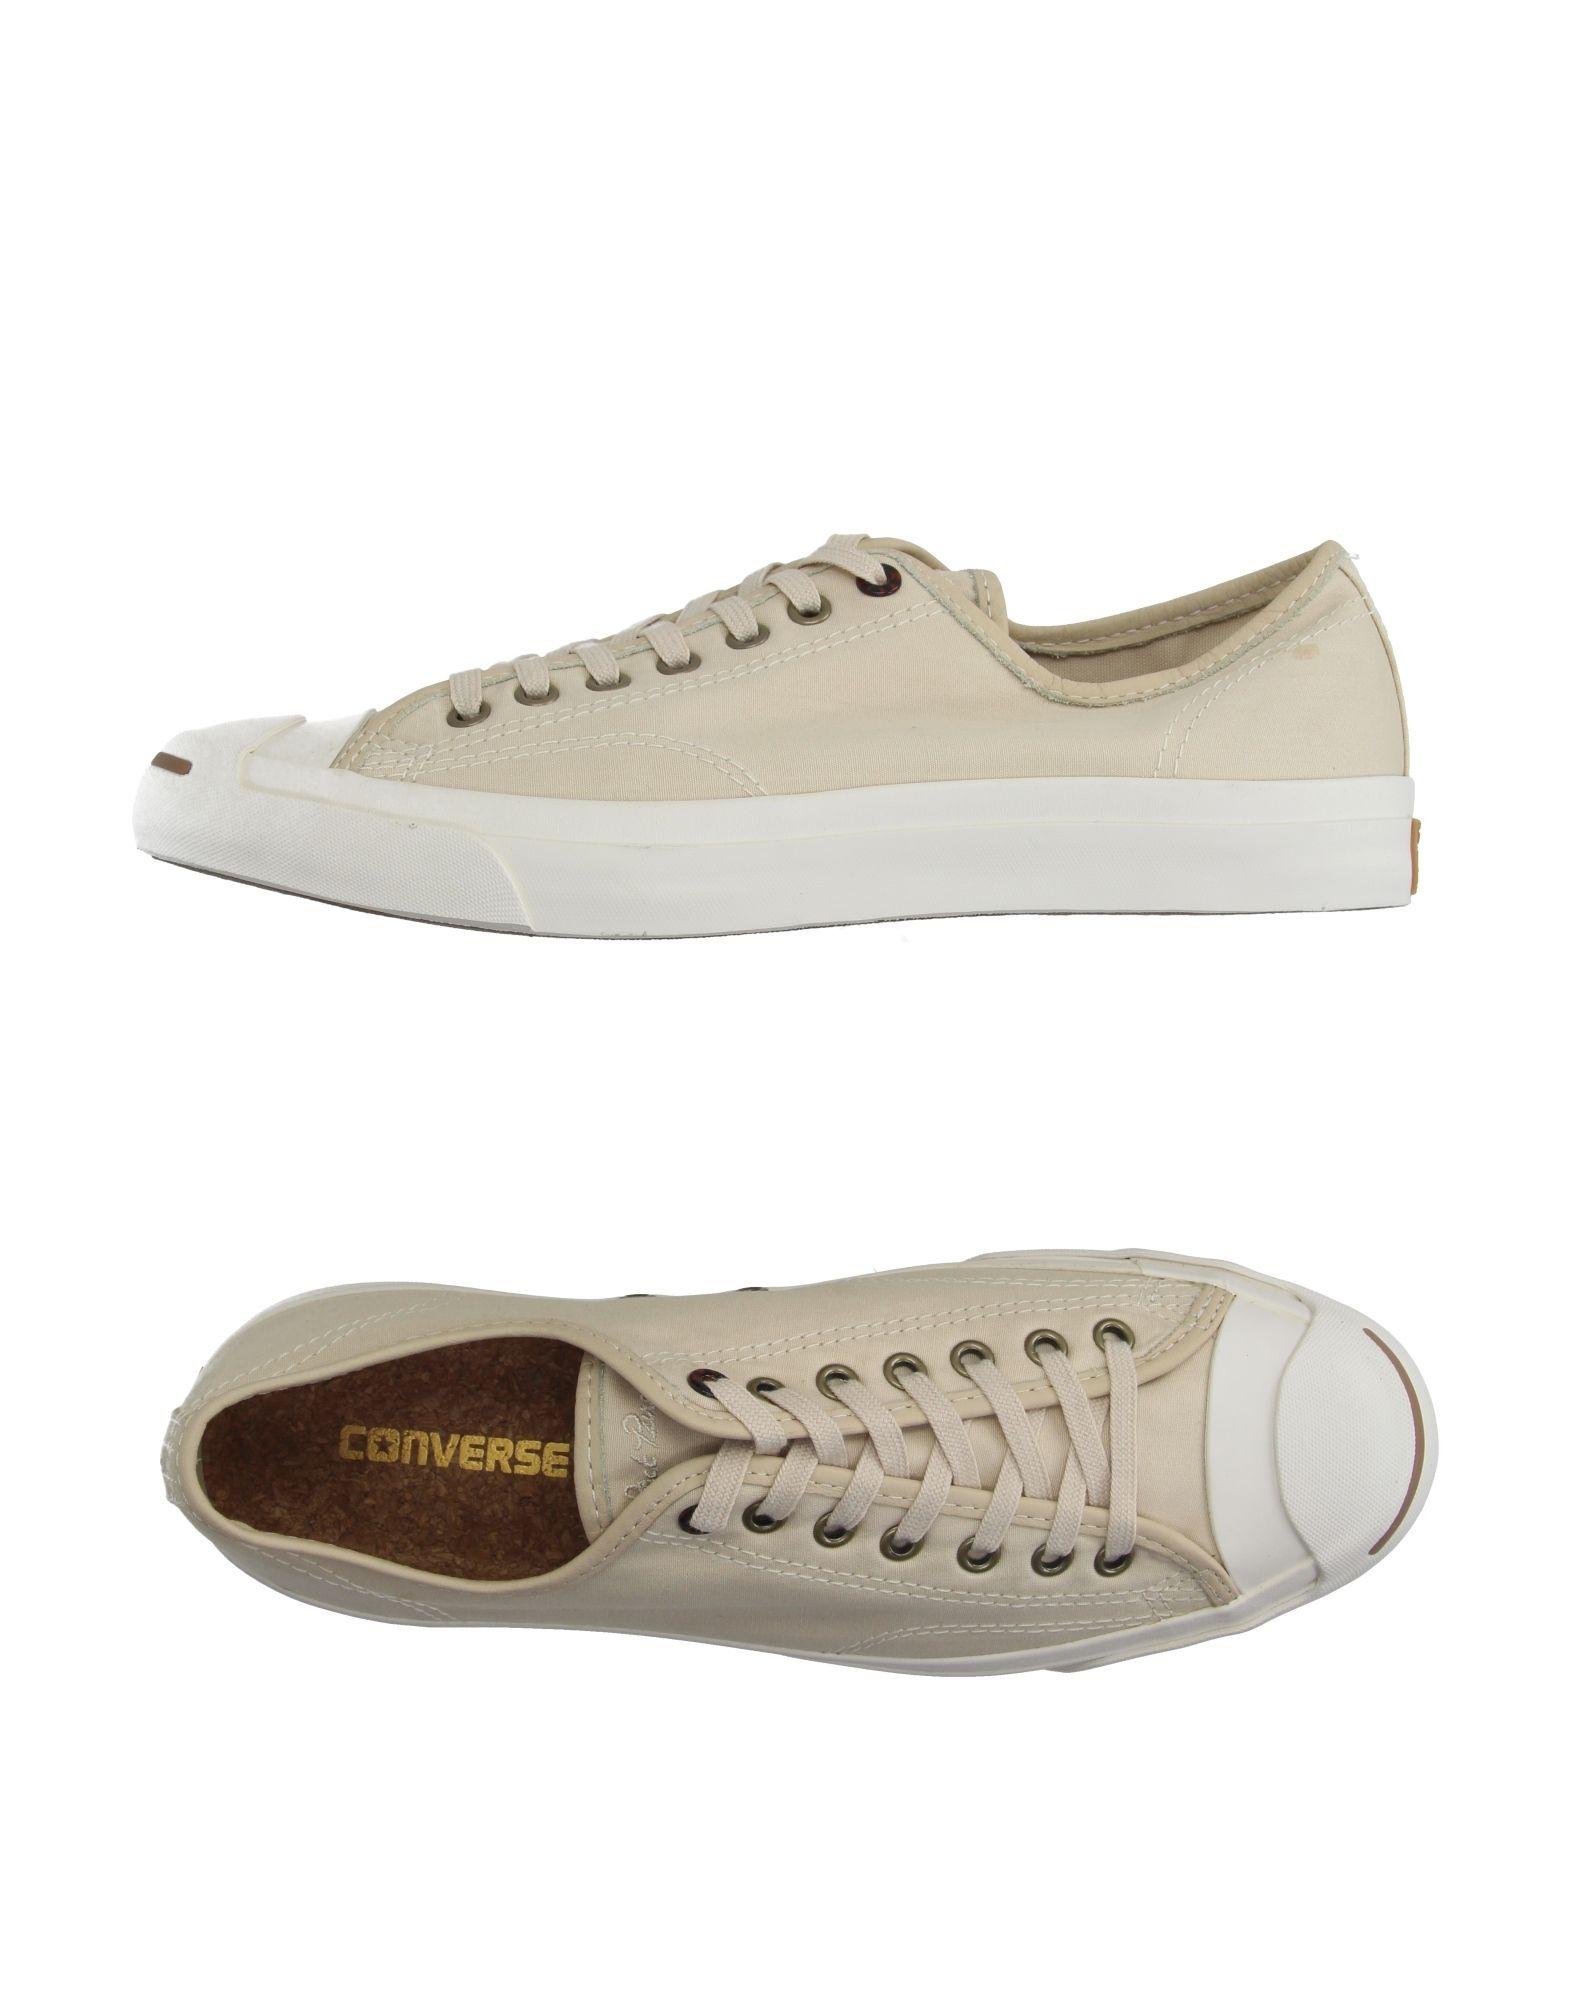 Rabatt echte  Schuhe Converse Sneakers Herren  echte 44993942JG 176417